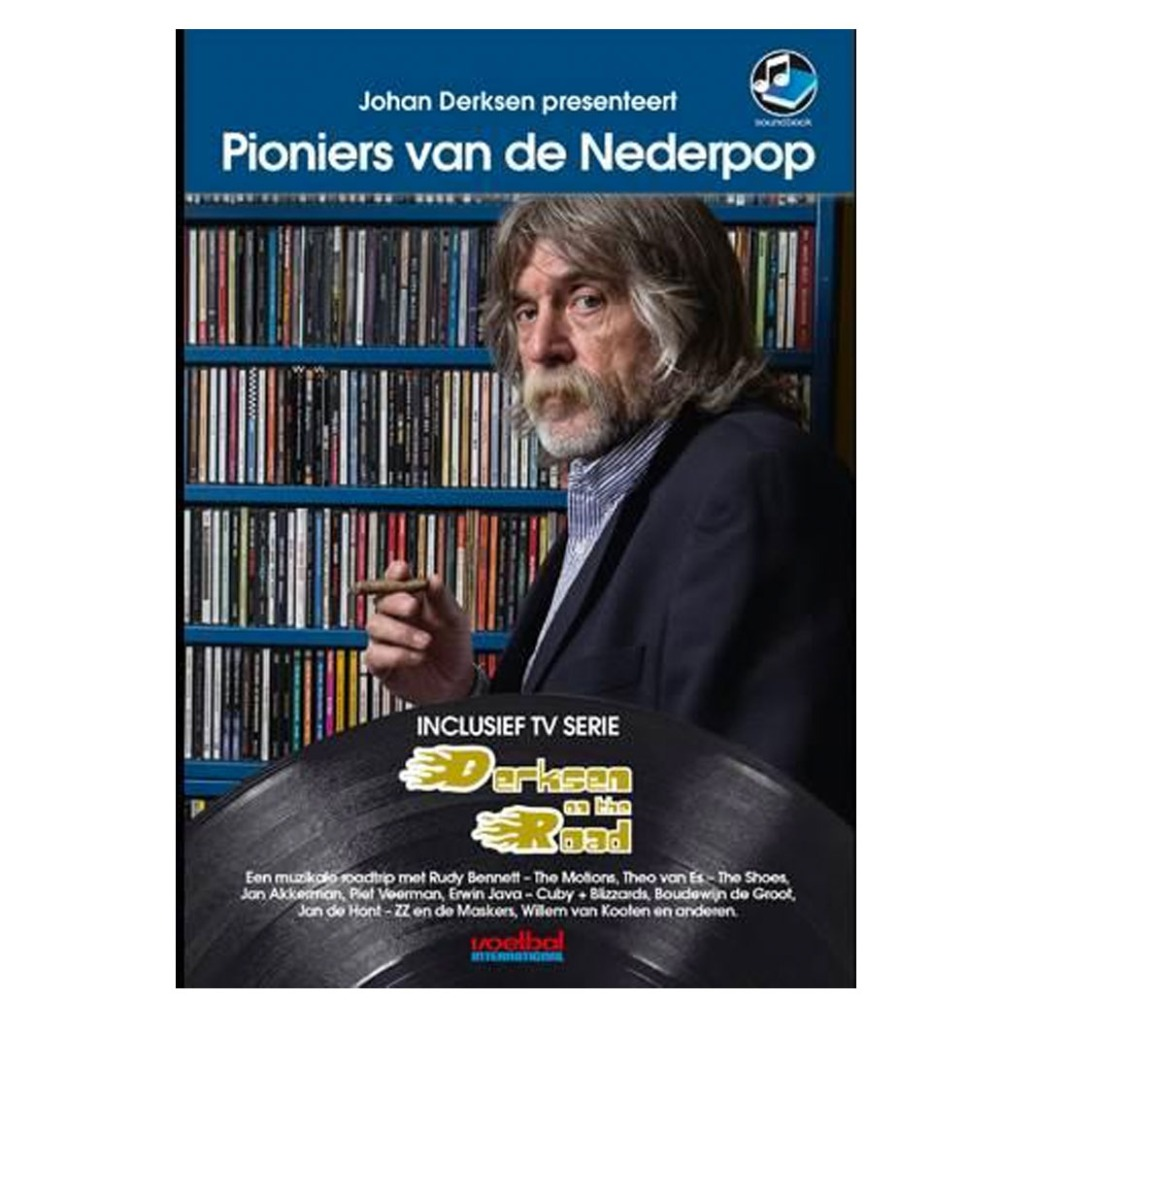 Pioniers Van De Nederpop - Johan Derksen - Boek + 2CD + 2DVD